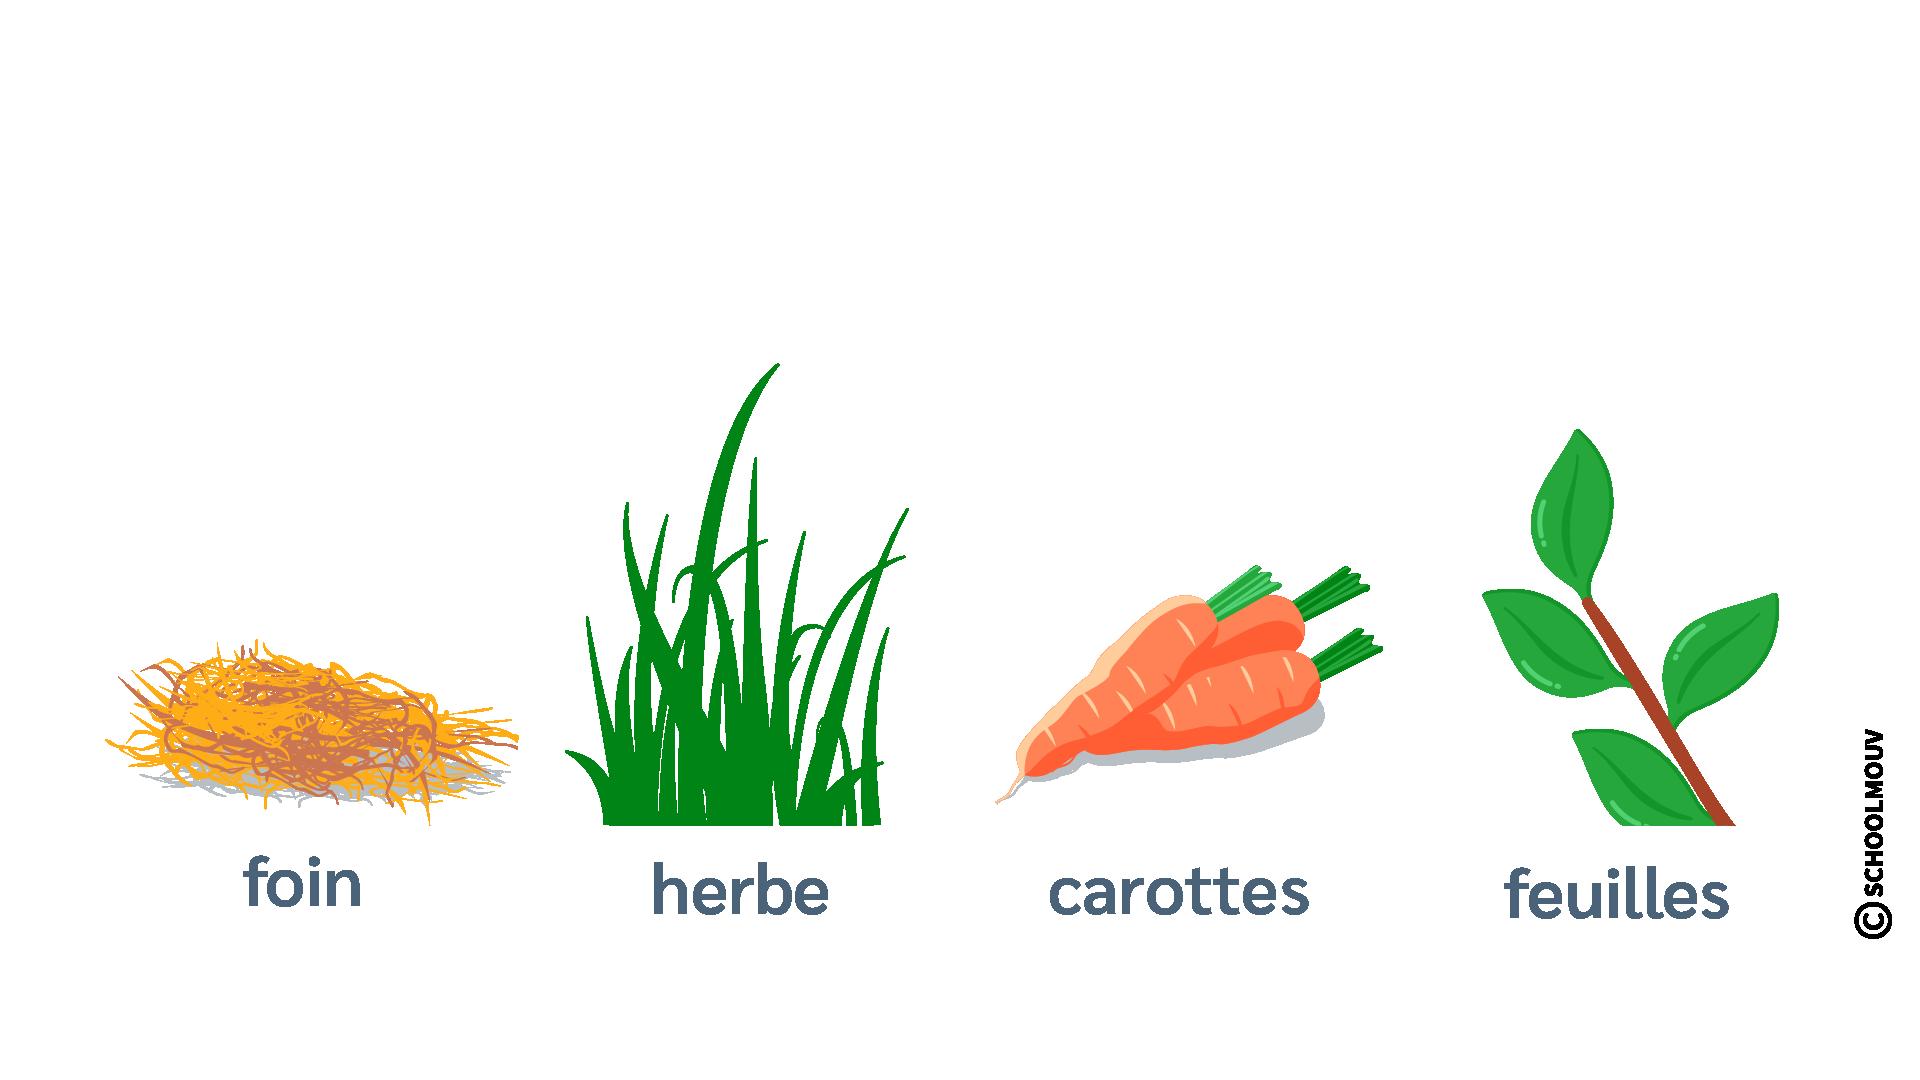 Aliments - Lapin - Régime alimentaire - Foin - Herbe - Carottes - Feuilles - Herbivore - SchoolMouv - Sciences - CE2